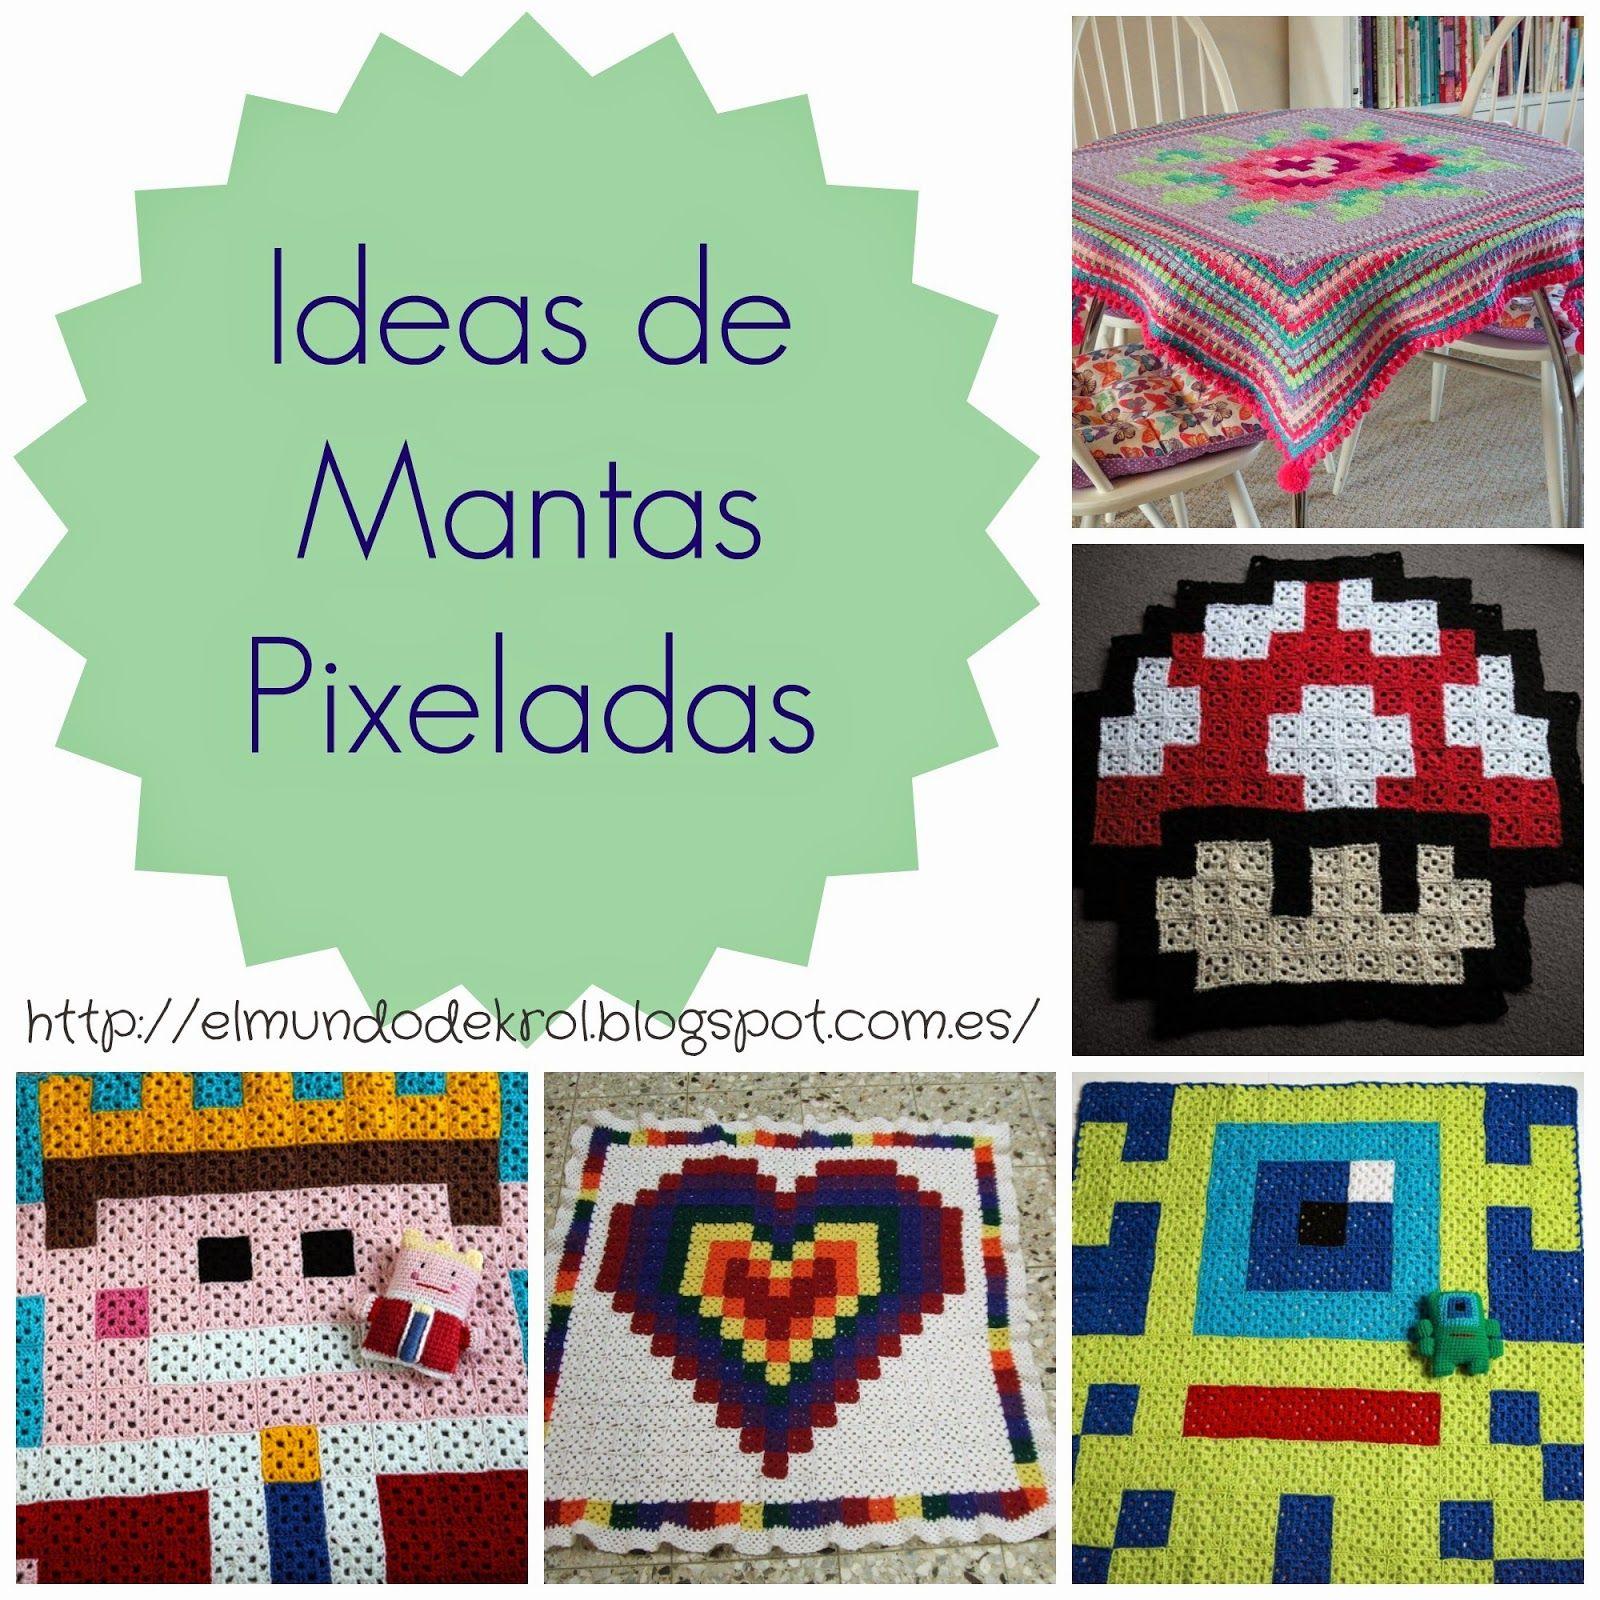 El Mundo de K rol: Mantas pixeladas a crochet | Blog - El Mundo de K ...